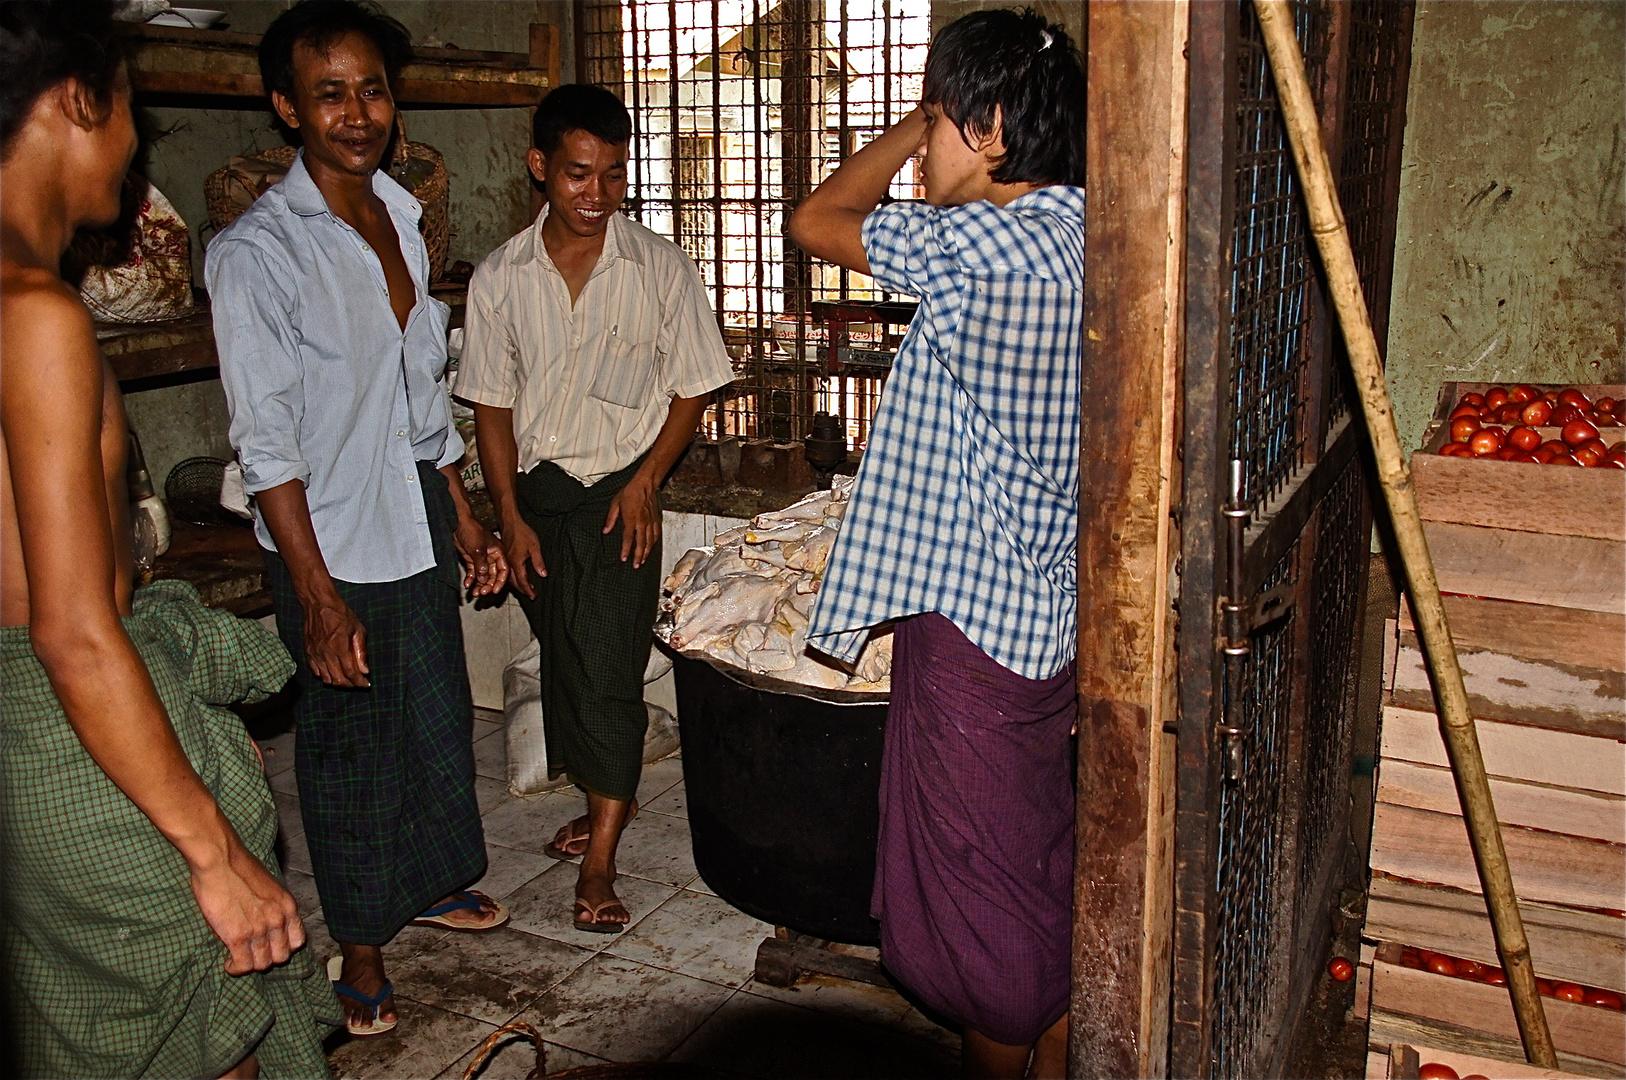 die geflügelfachabteilung der klosterküche, amapura, burma 2011